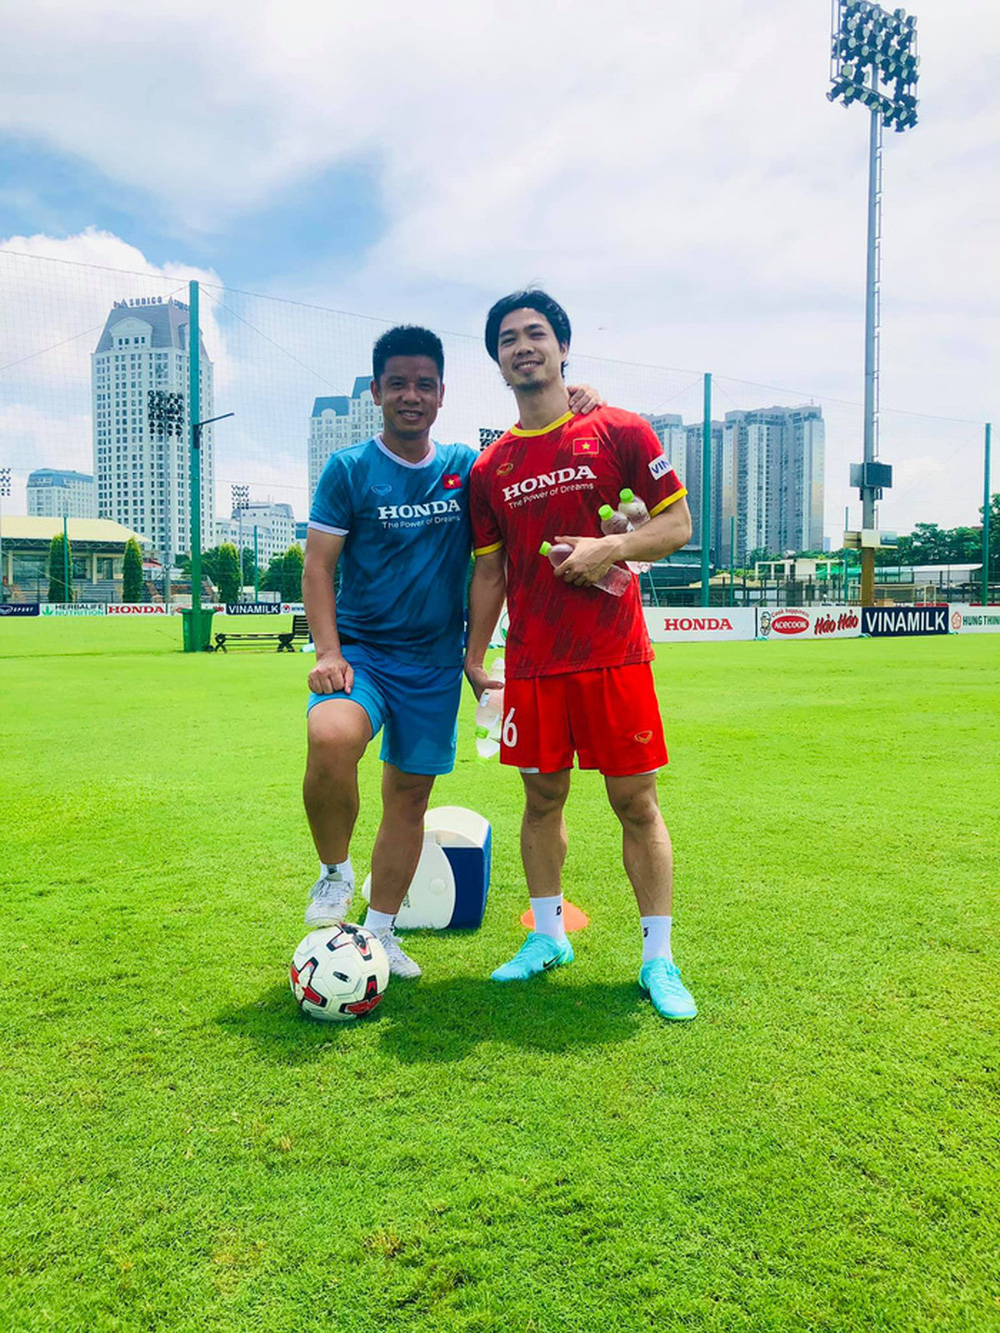 Đồng đội nghỉ ngơi, Công Phượng vùi mình tập luyện để sớm trở lại tuyển Việt Nam - Ảnh 1.